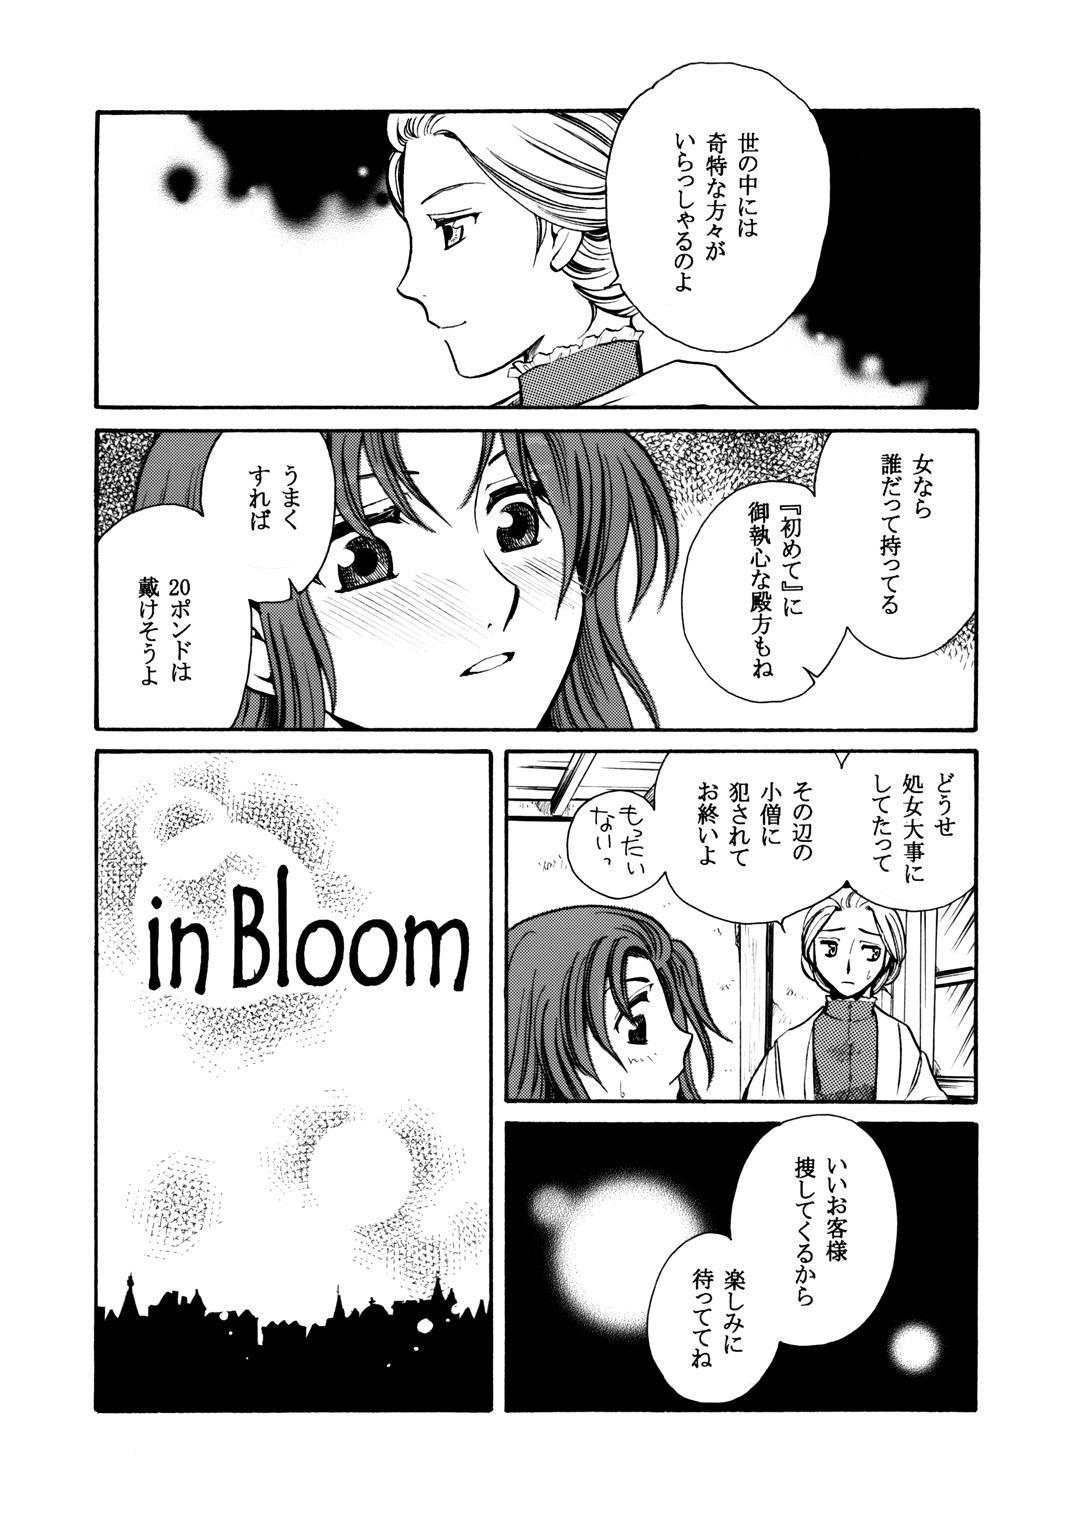 Moshimo no Emma sousyuuhen 20